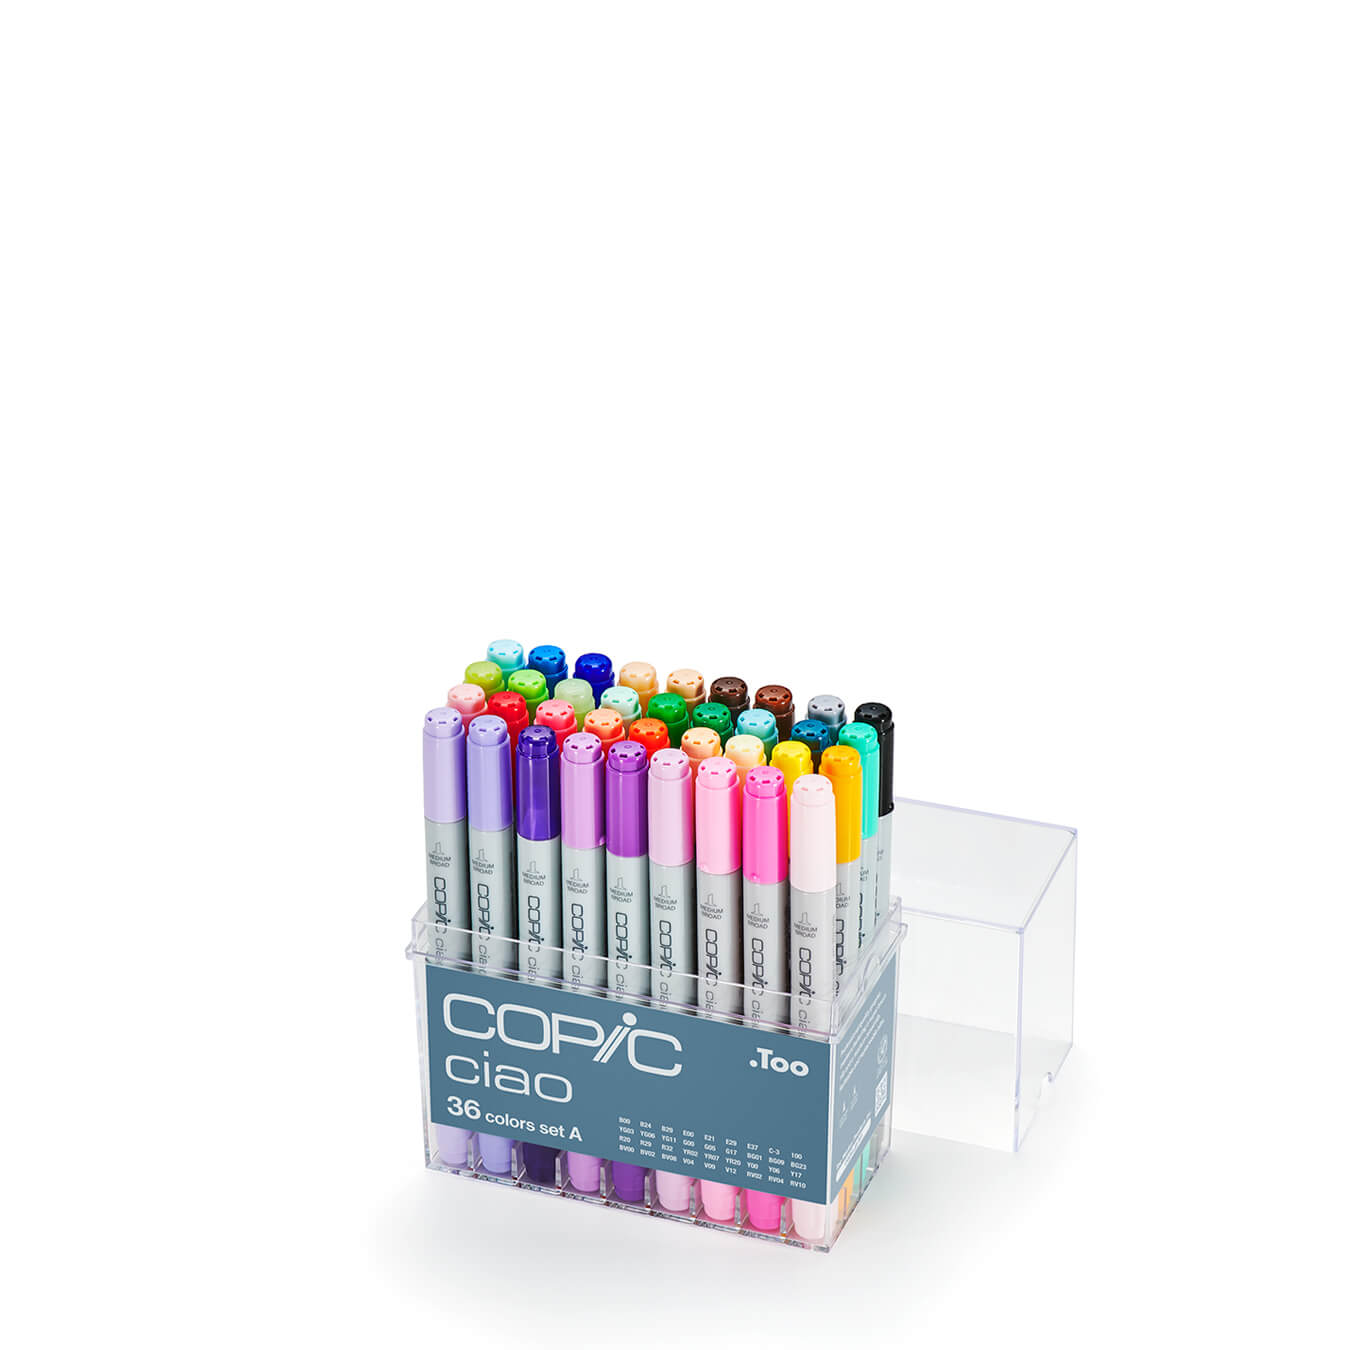 Copic Ciao 36 colors set A